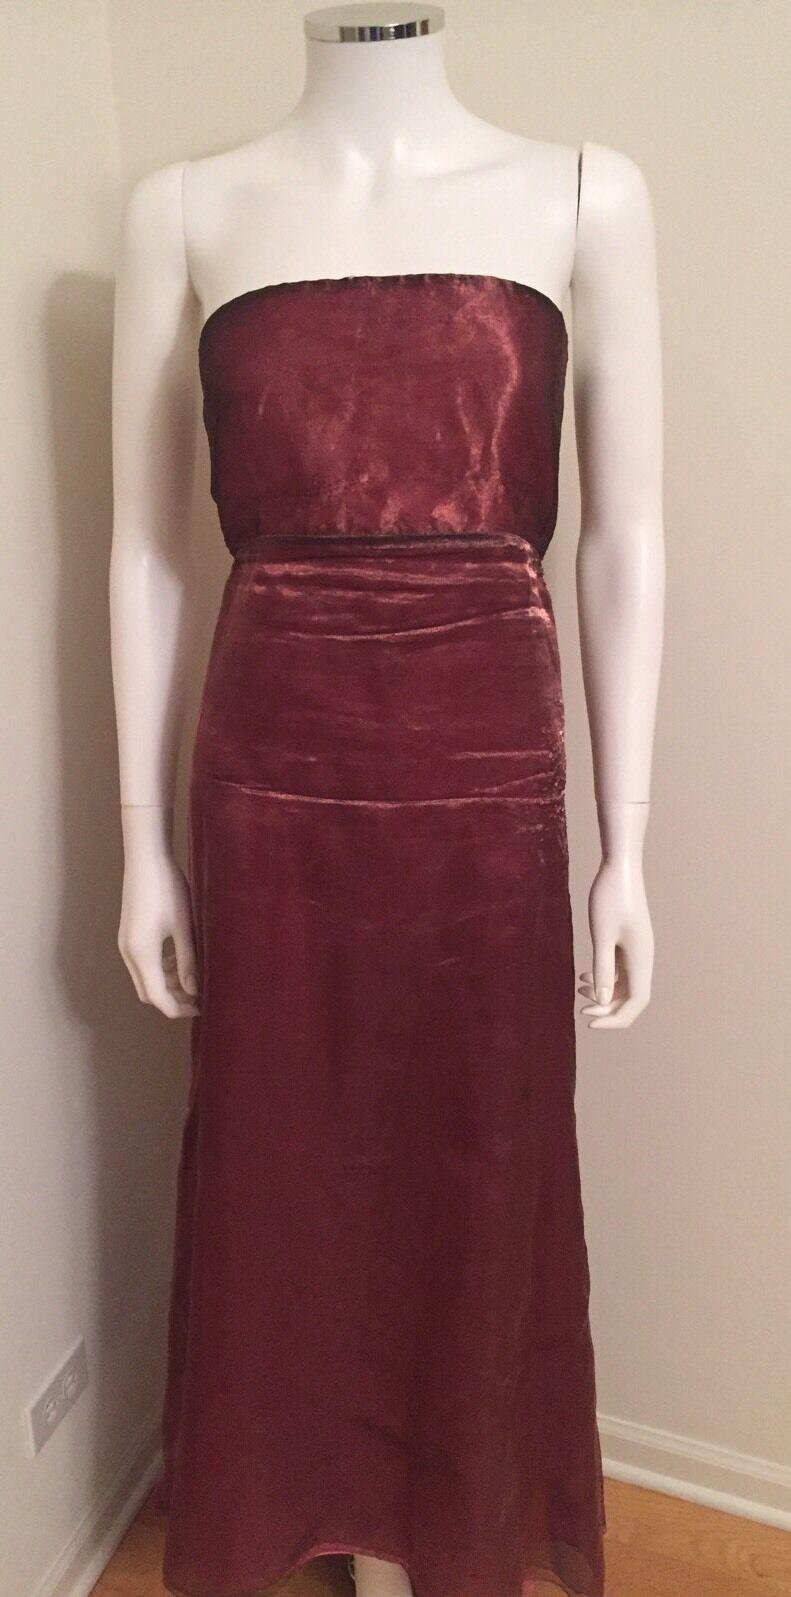 DKNYC Women's Metallic Mesh Purple Dress Streepless Size 6